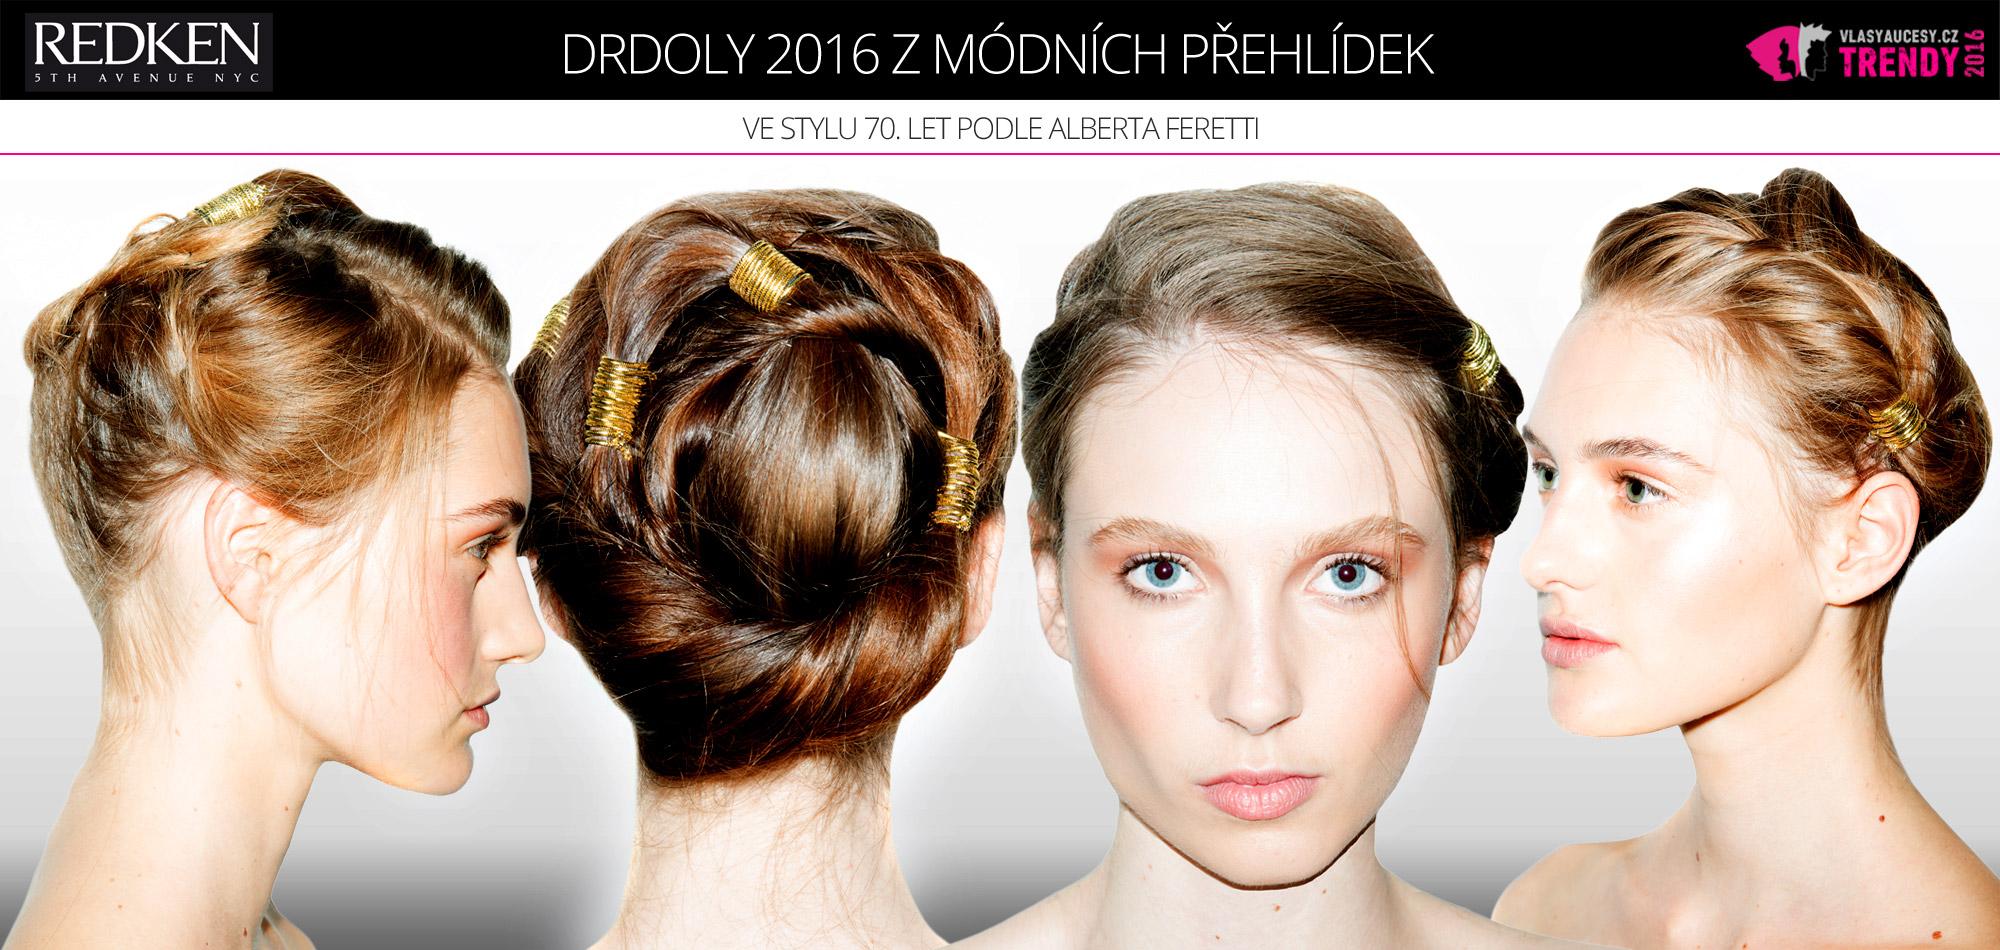 Jarní a letní drdoly 2016 podle Redken pro módní kolekci Alberta Ferreti jaro/léto 2016.